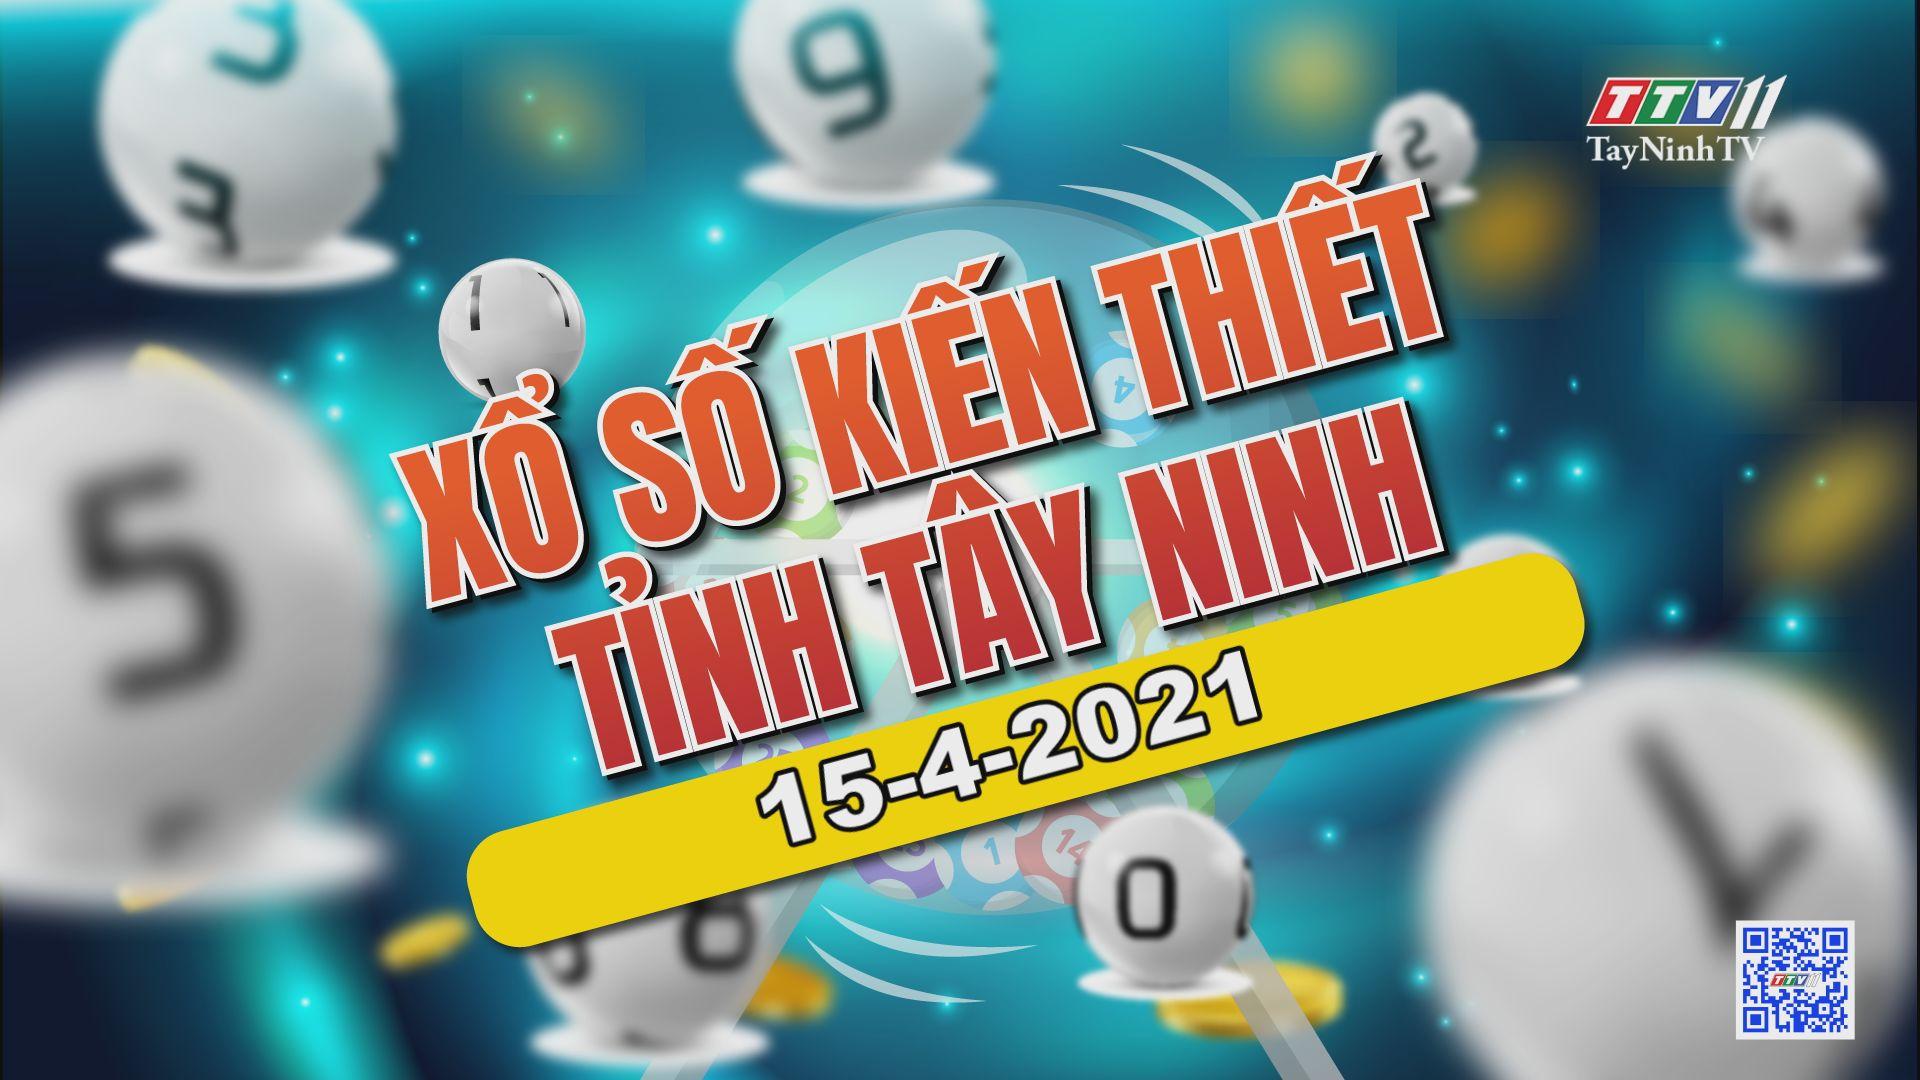 Trực tiếp Xổ số Tây Ninh ngày 15-4-2021 | TayNinhTVE